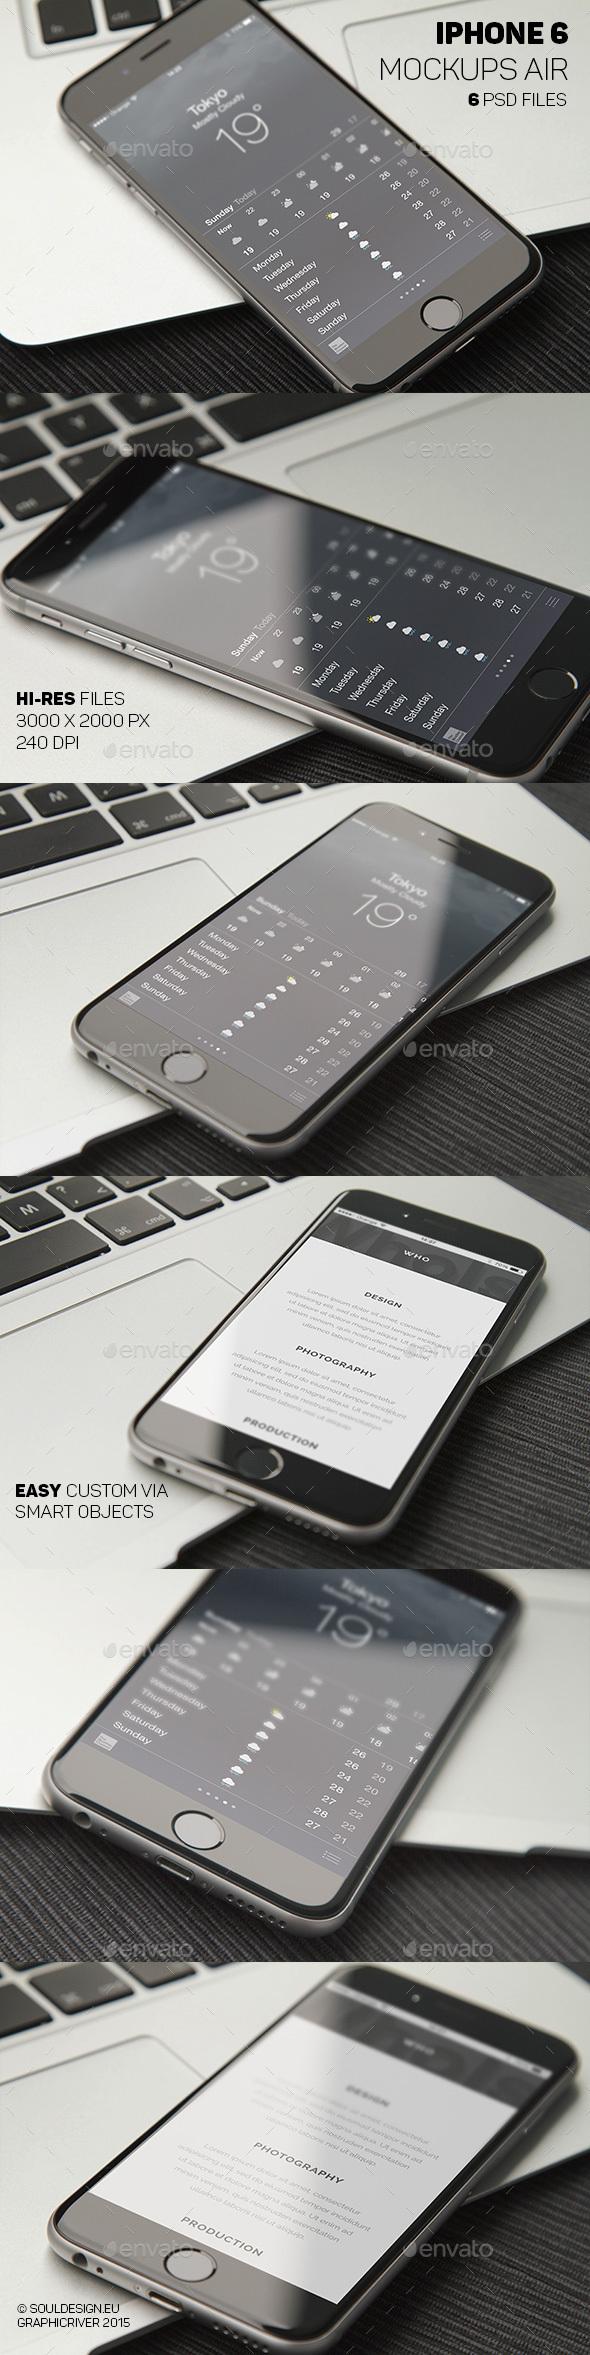 Phone 6 Closeup Mockups Air - Mobile Displays